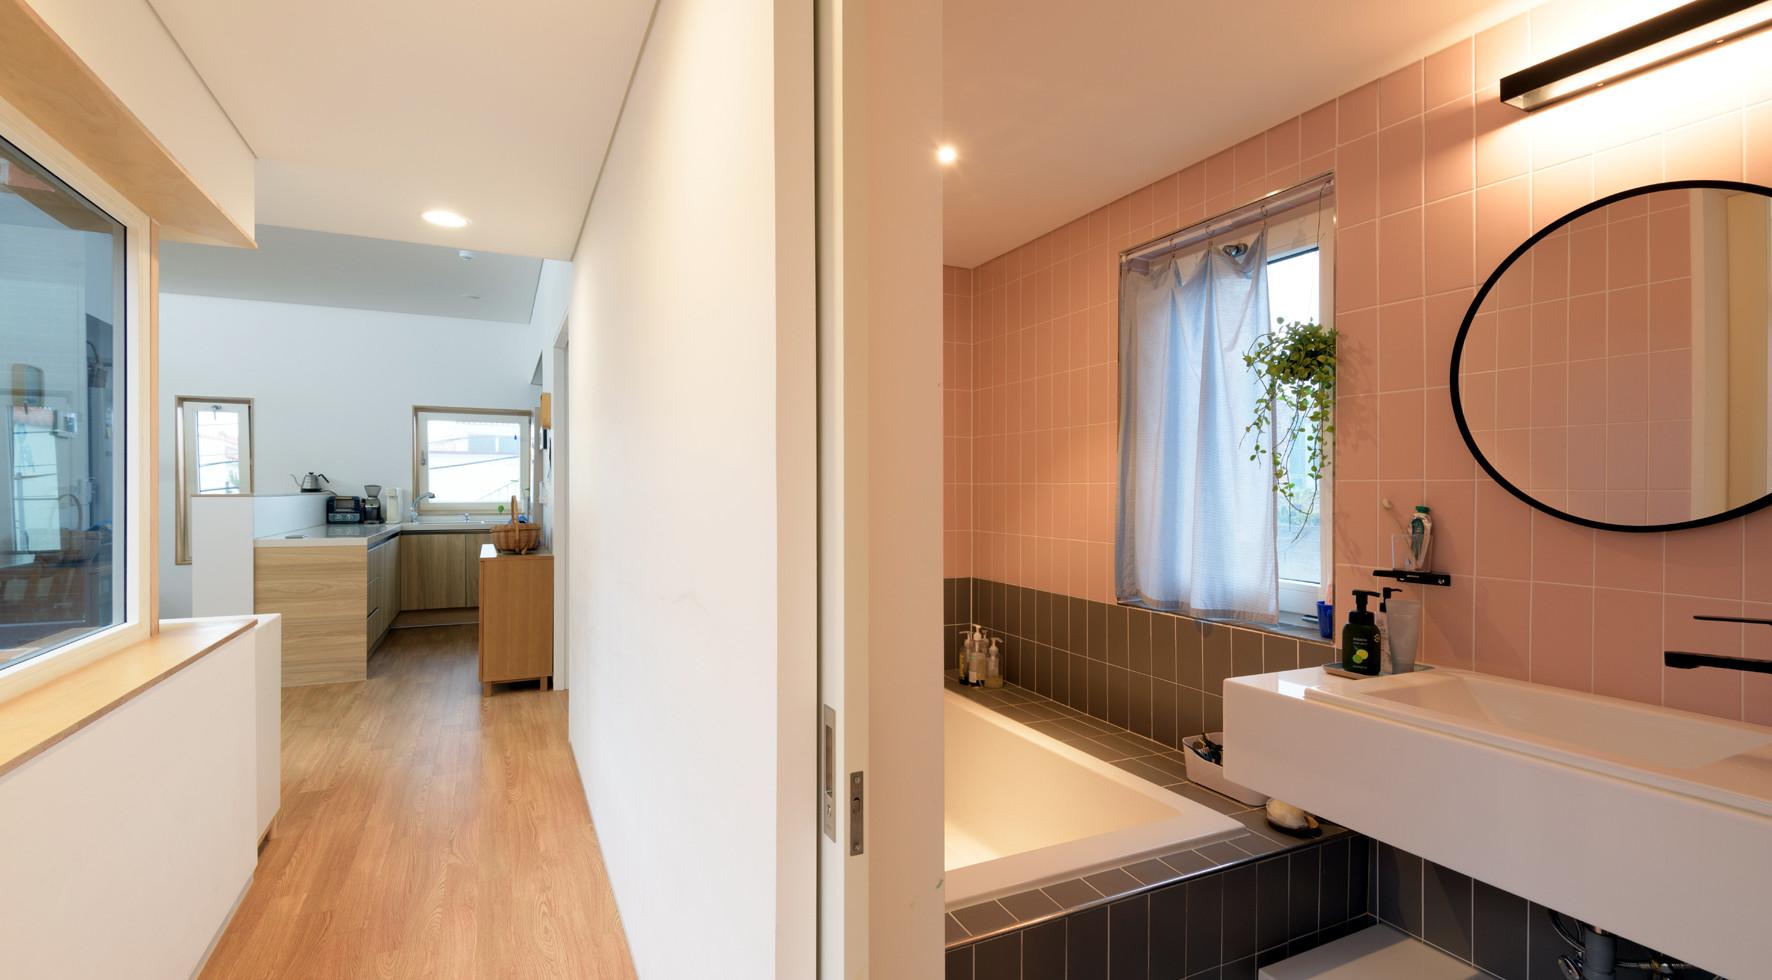 2층 복도 및 화장실.jpg